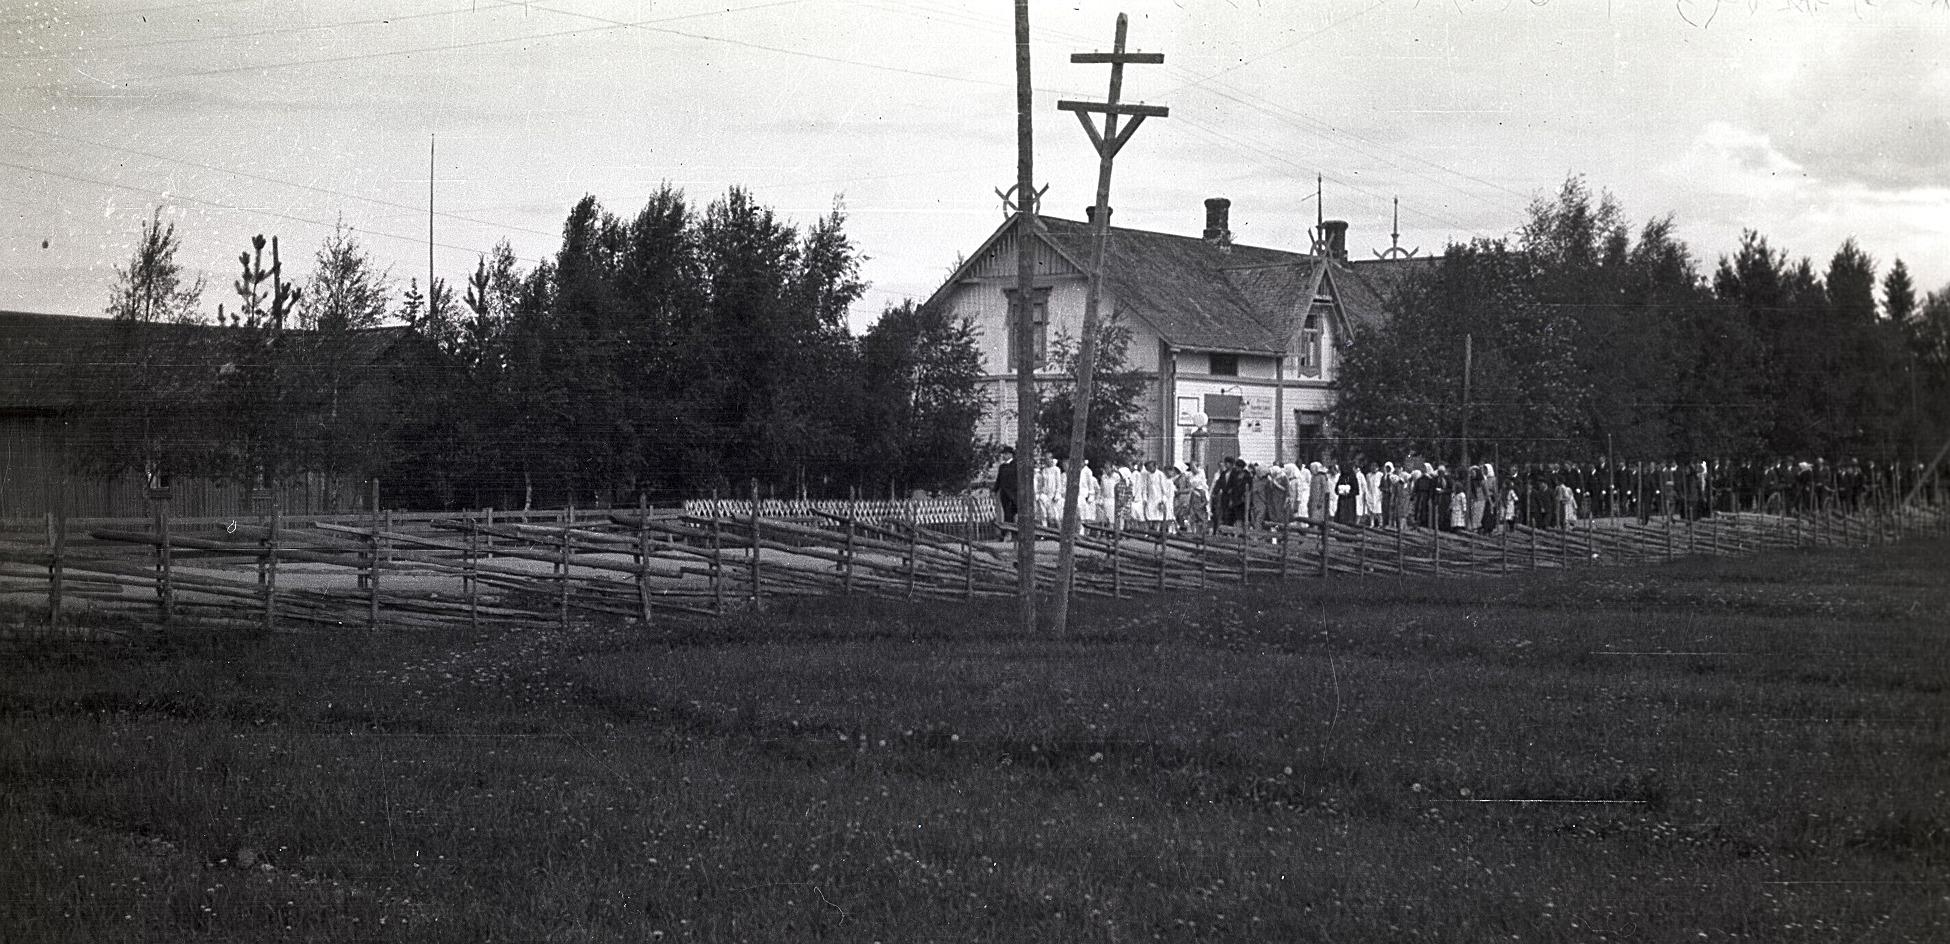 """På fotot från midsommaren 1928 ser vi den långa raden av konfirmander, som startar """"tenn fö Kaljohanas"""", alltså vid Charles Ulfves affär nere i kyrkbacken. Längs landsvägen syns en tidstypisk gärdesgård."""